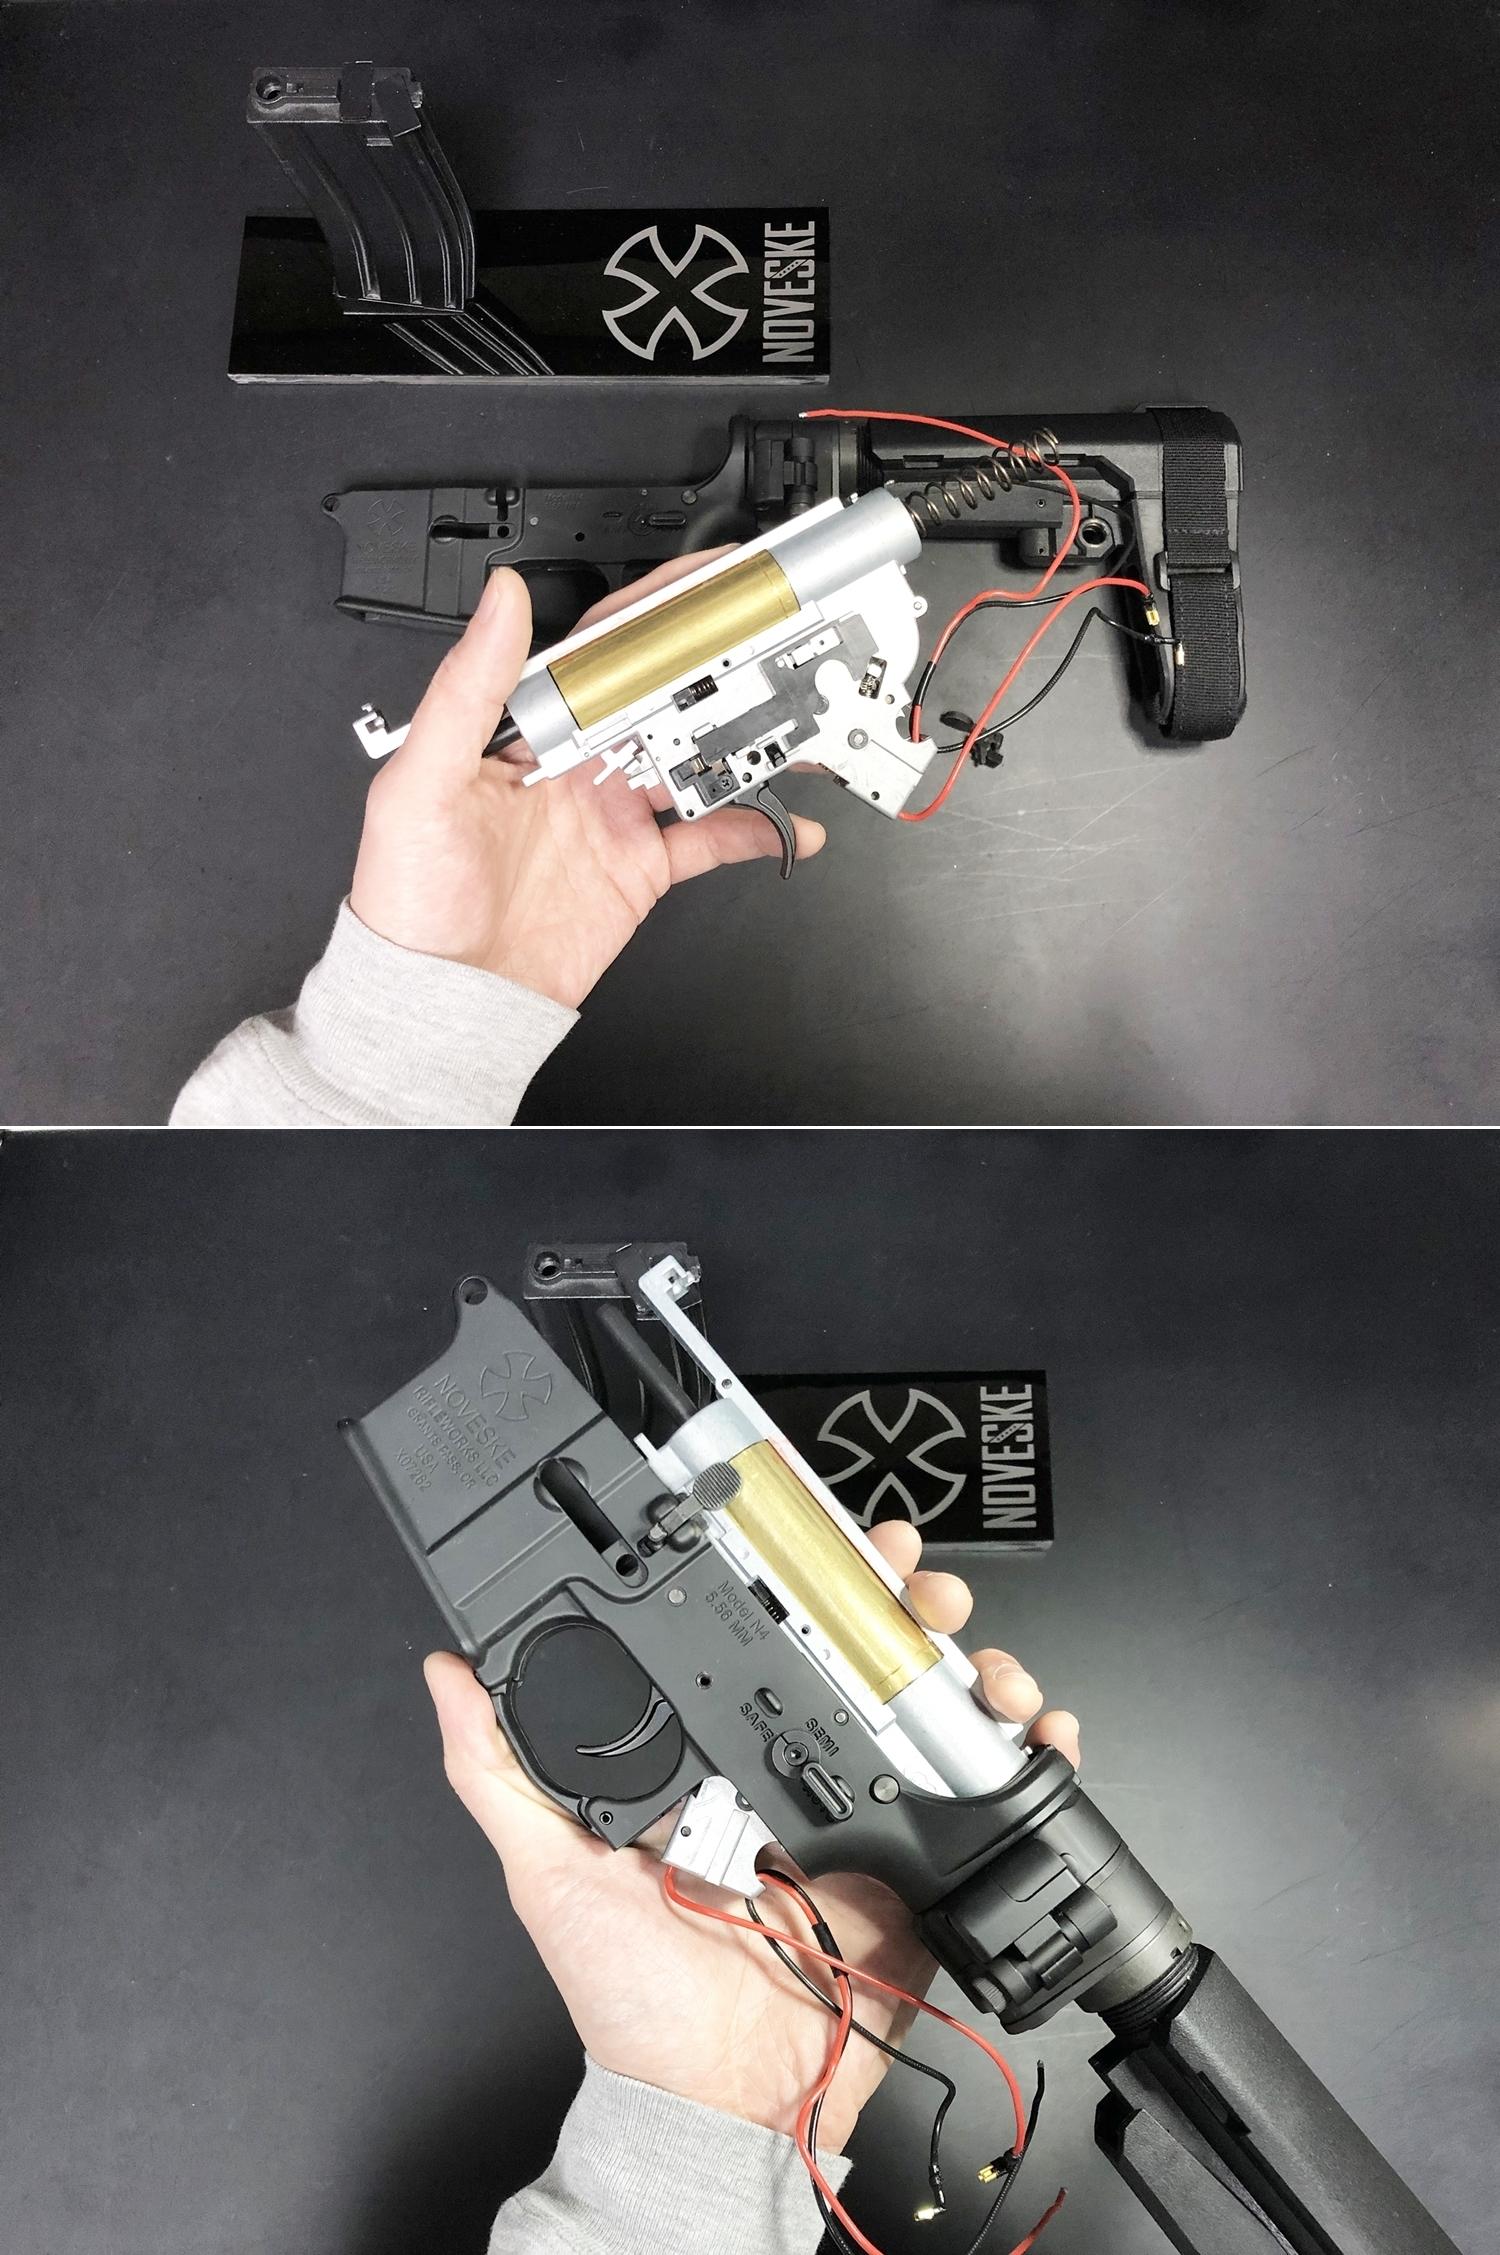 12 次世代 M4 CQB-R 簡易的修理で激的変化!! メカボックス 新品交換 & サマリウム・コバルトモーター カスタム!! メンテナンス 交換 修理 カスタム レビュー!!